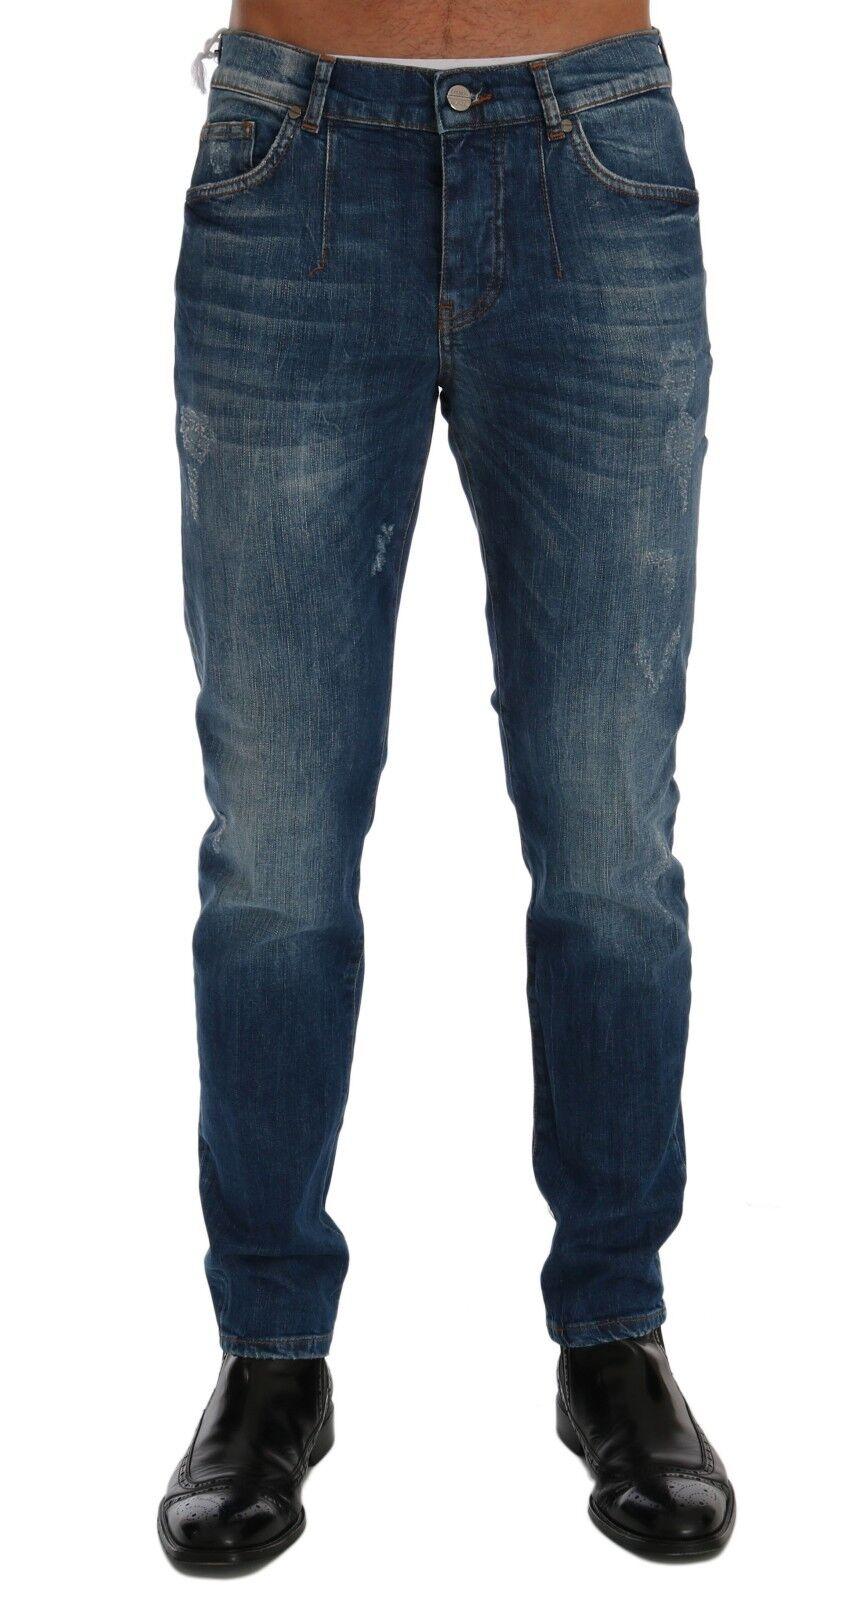 Nuovo Frankie Morello Lavaggio di Jeans Blu Perth Jeans Aderente Stretch S.W36